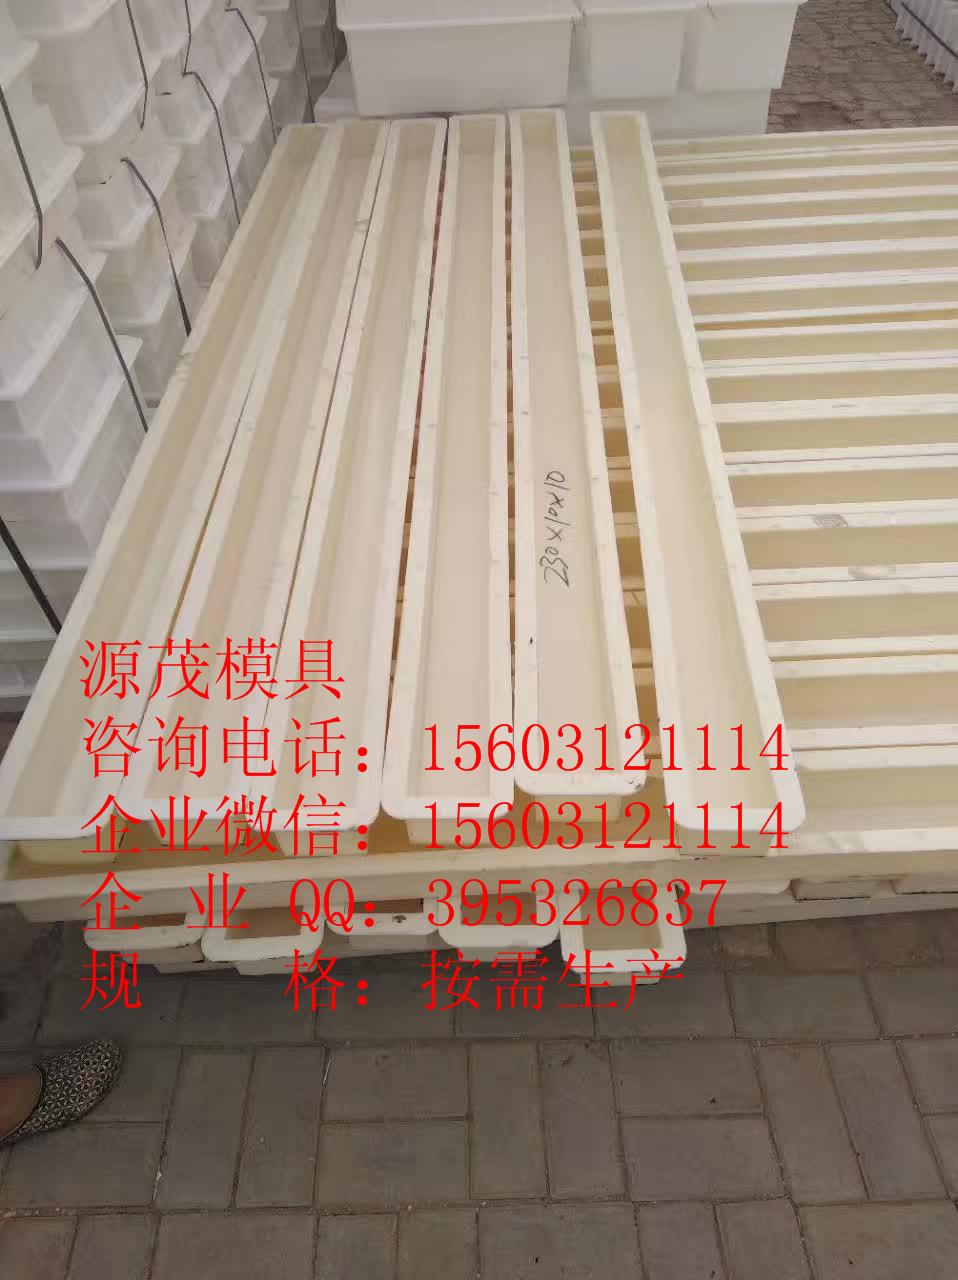 立柱模具厂家定制 钢丝网立柱模具 高铁立柱模具 国标 现货发